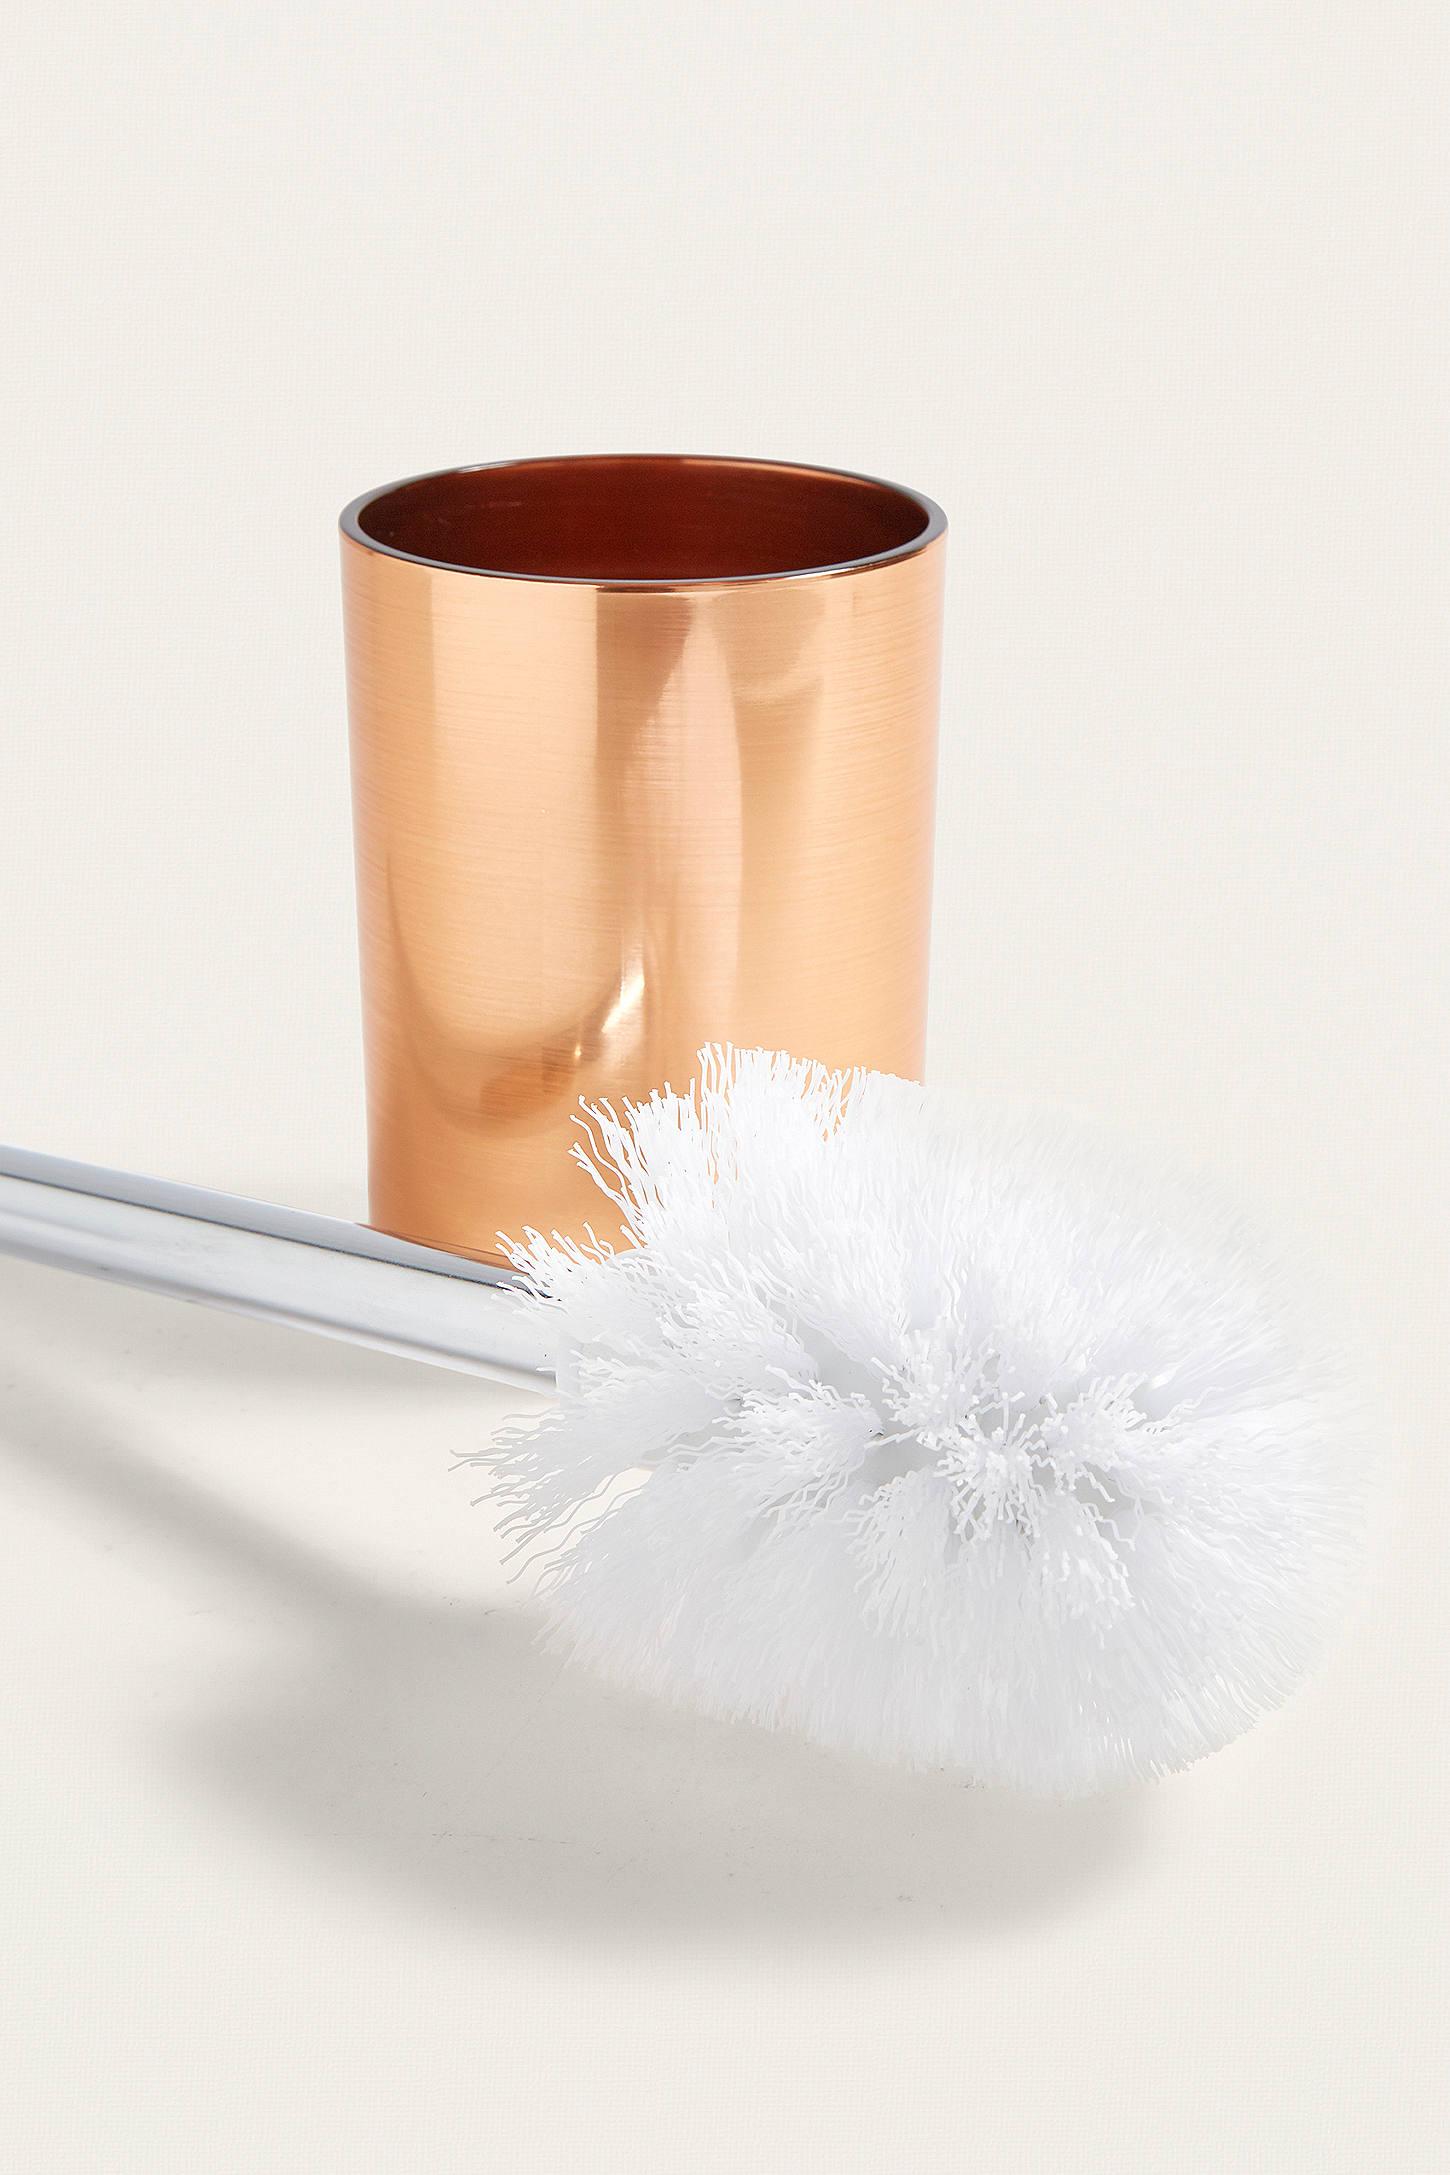 Accessoire Salle De Bain Cuivre ~ brosse de toilette et support en cuivre urban outfitters